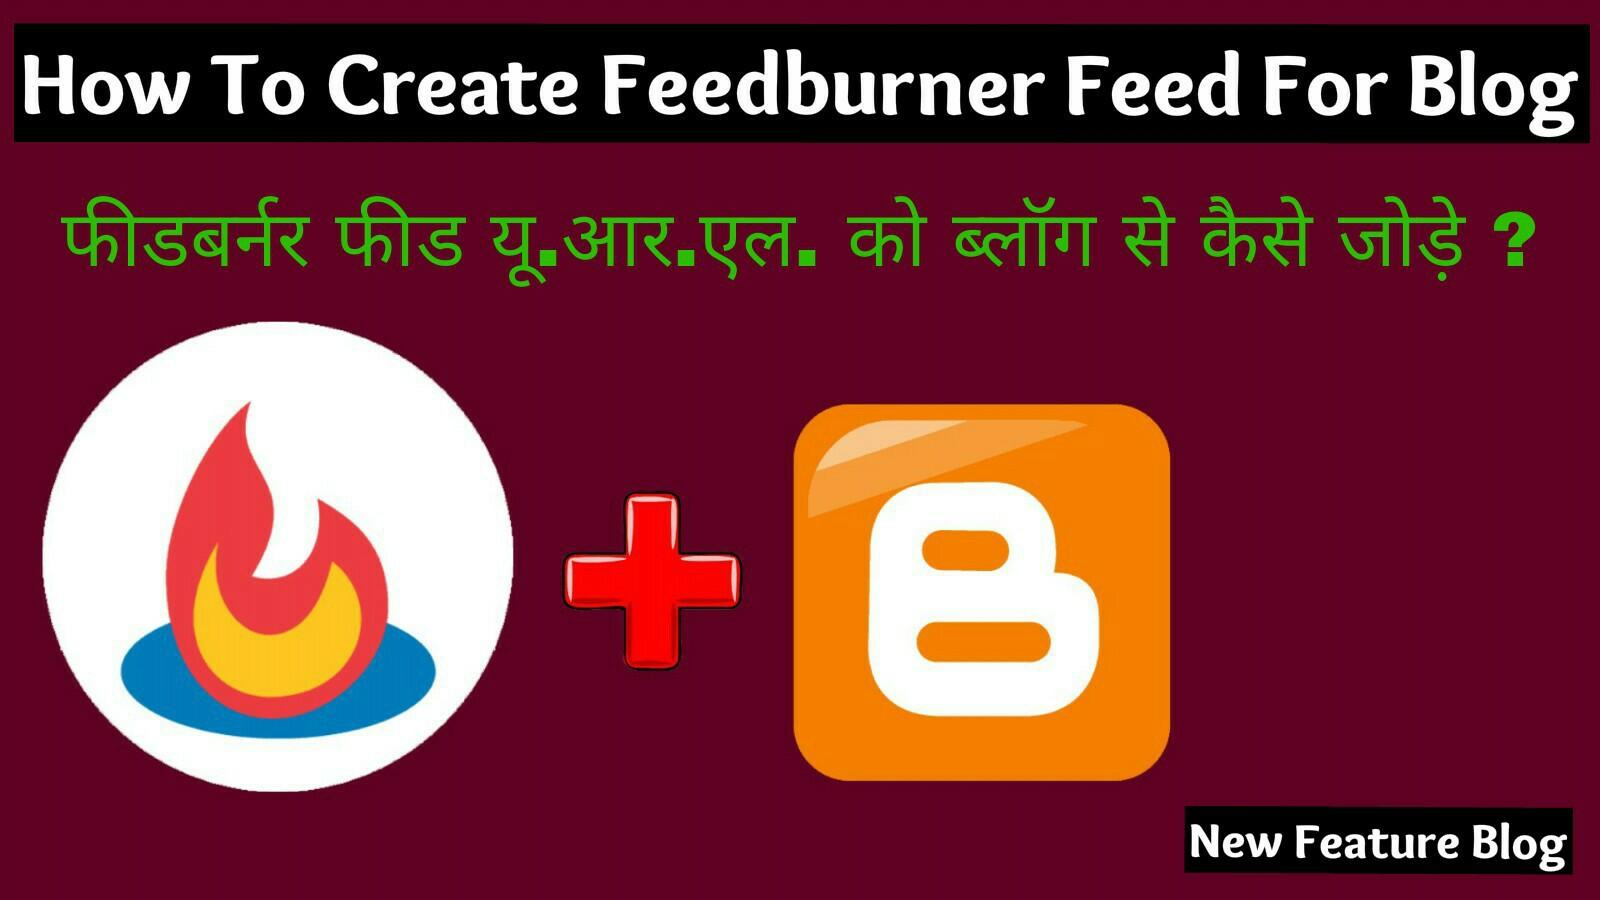 Feedburner-feed-URL-ko-blog-me-kaise-add-kare